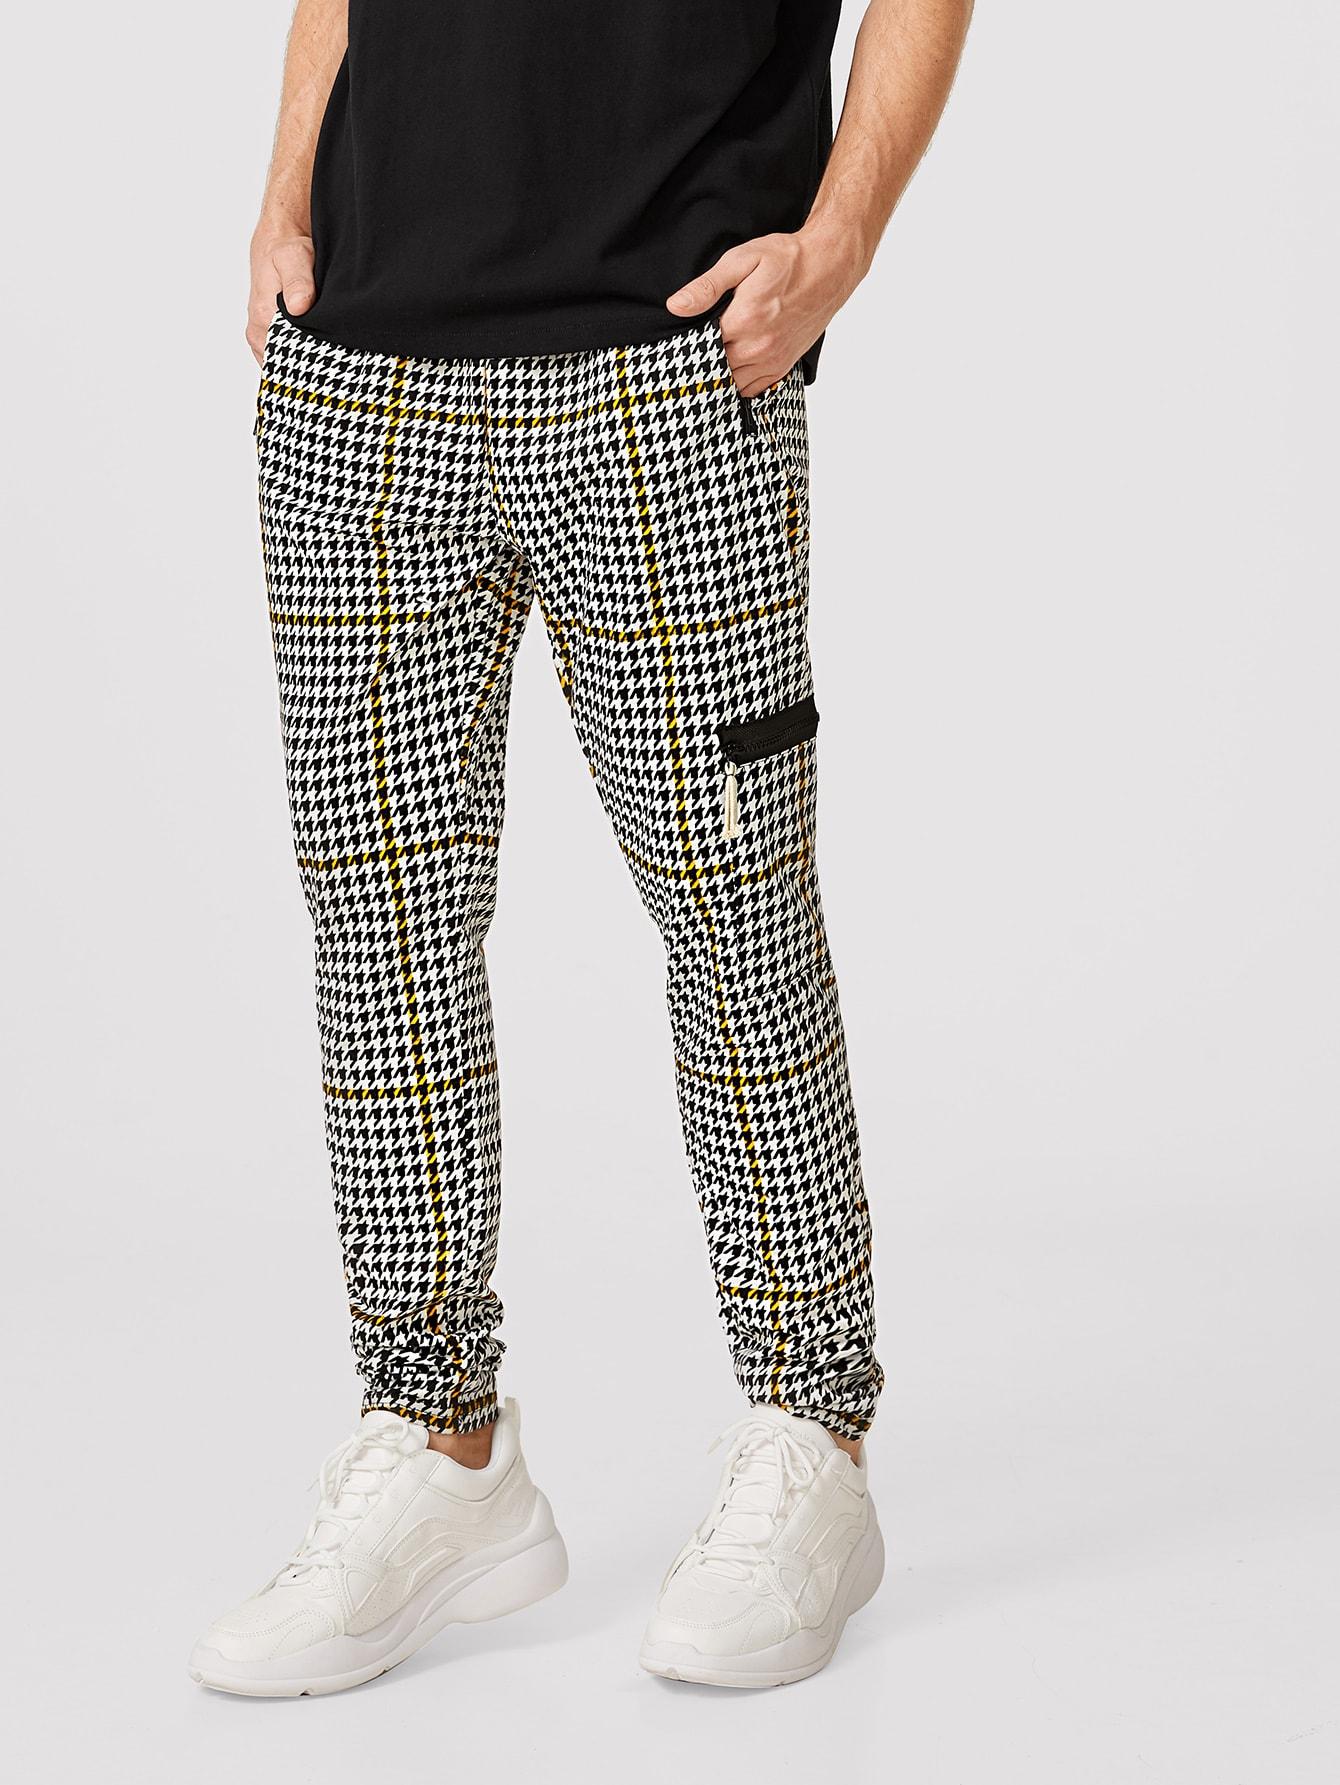 Фото - Мужские брюки с молнией от SheIn цвет чёрнобелые